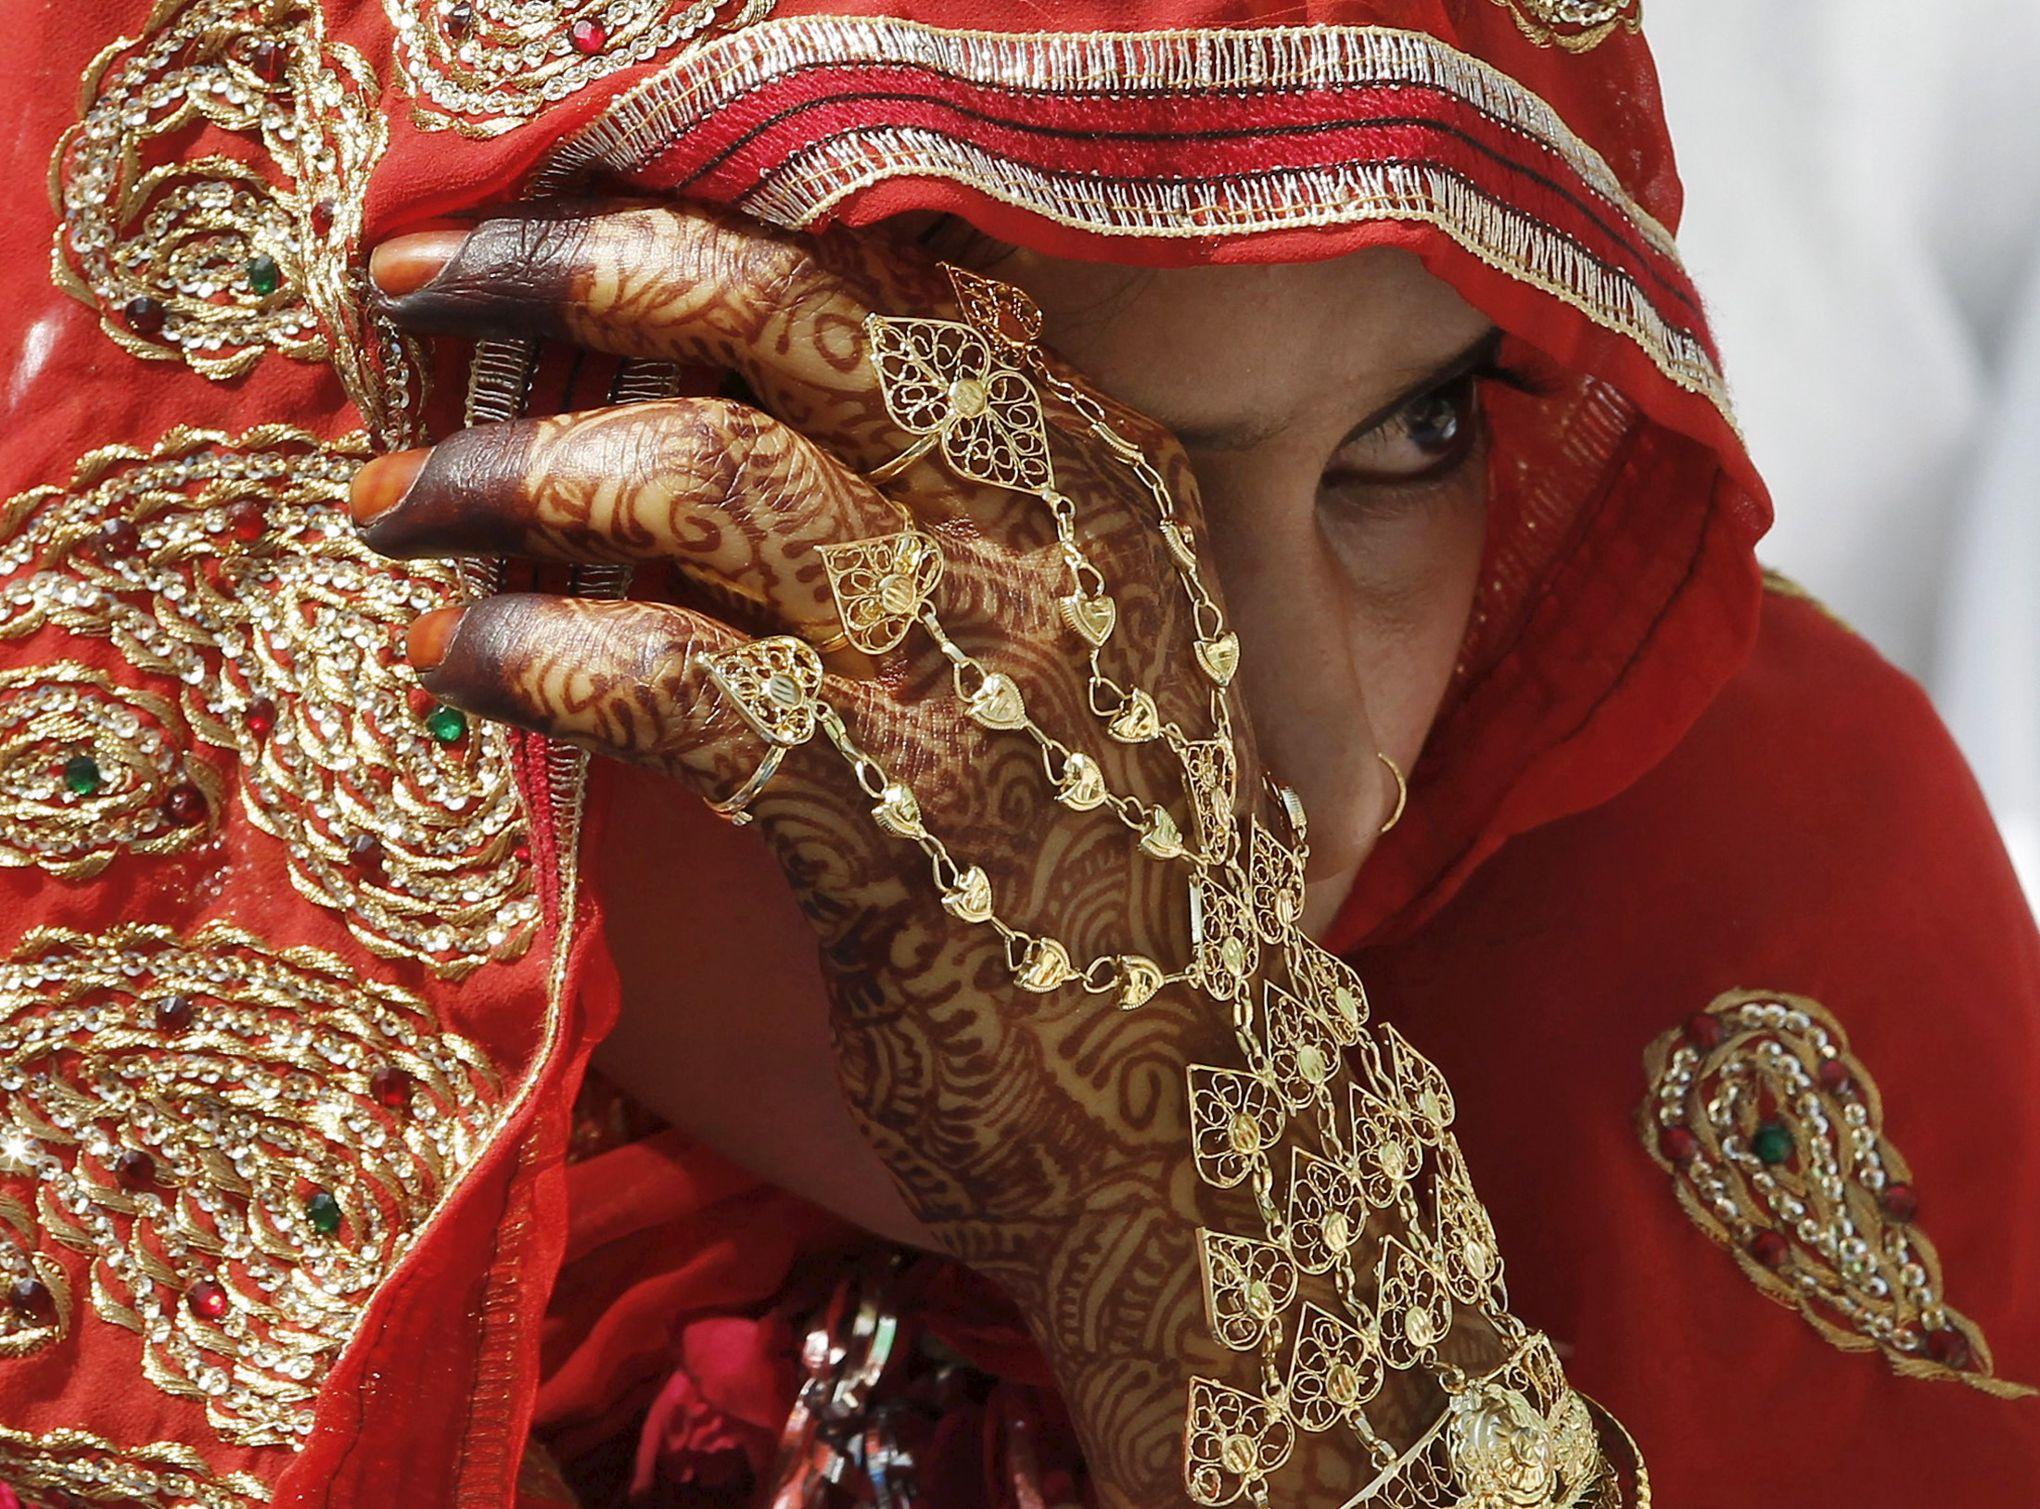 Mariée indienne datant